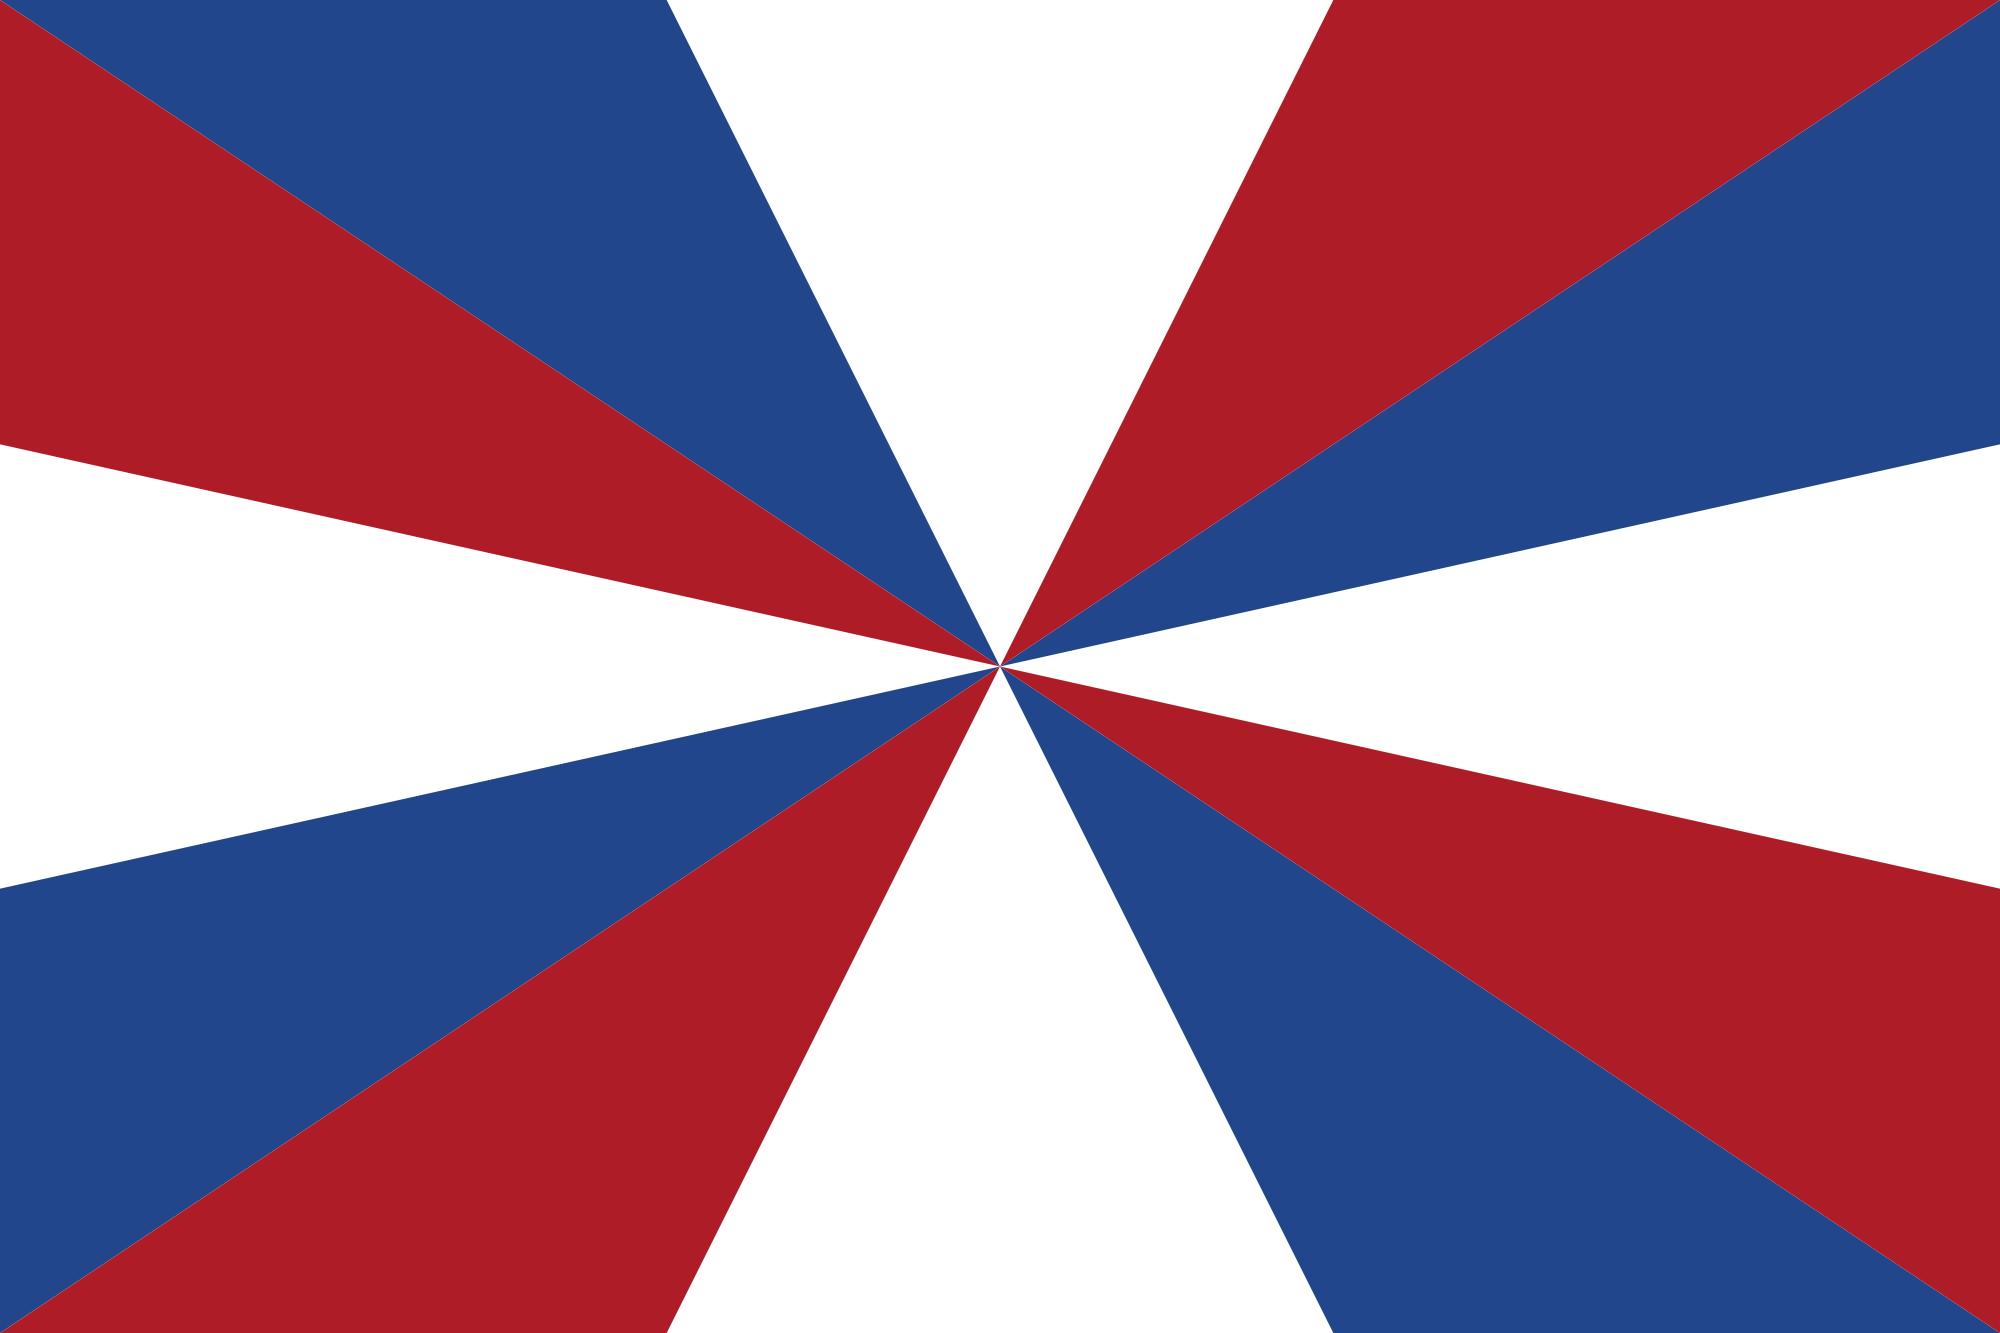 Netherlands (Naval Jack)